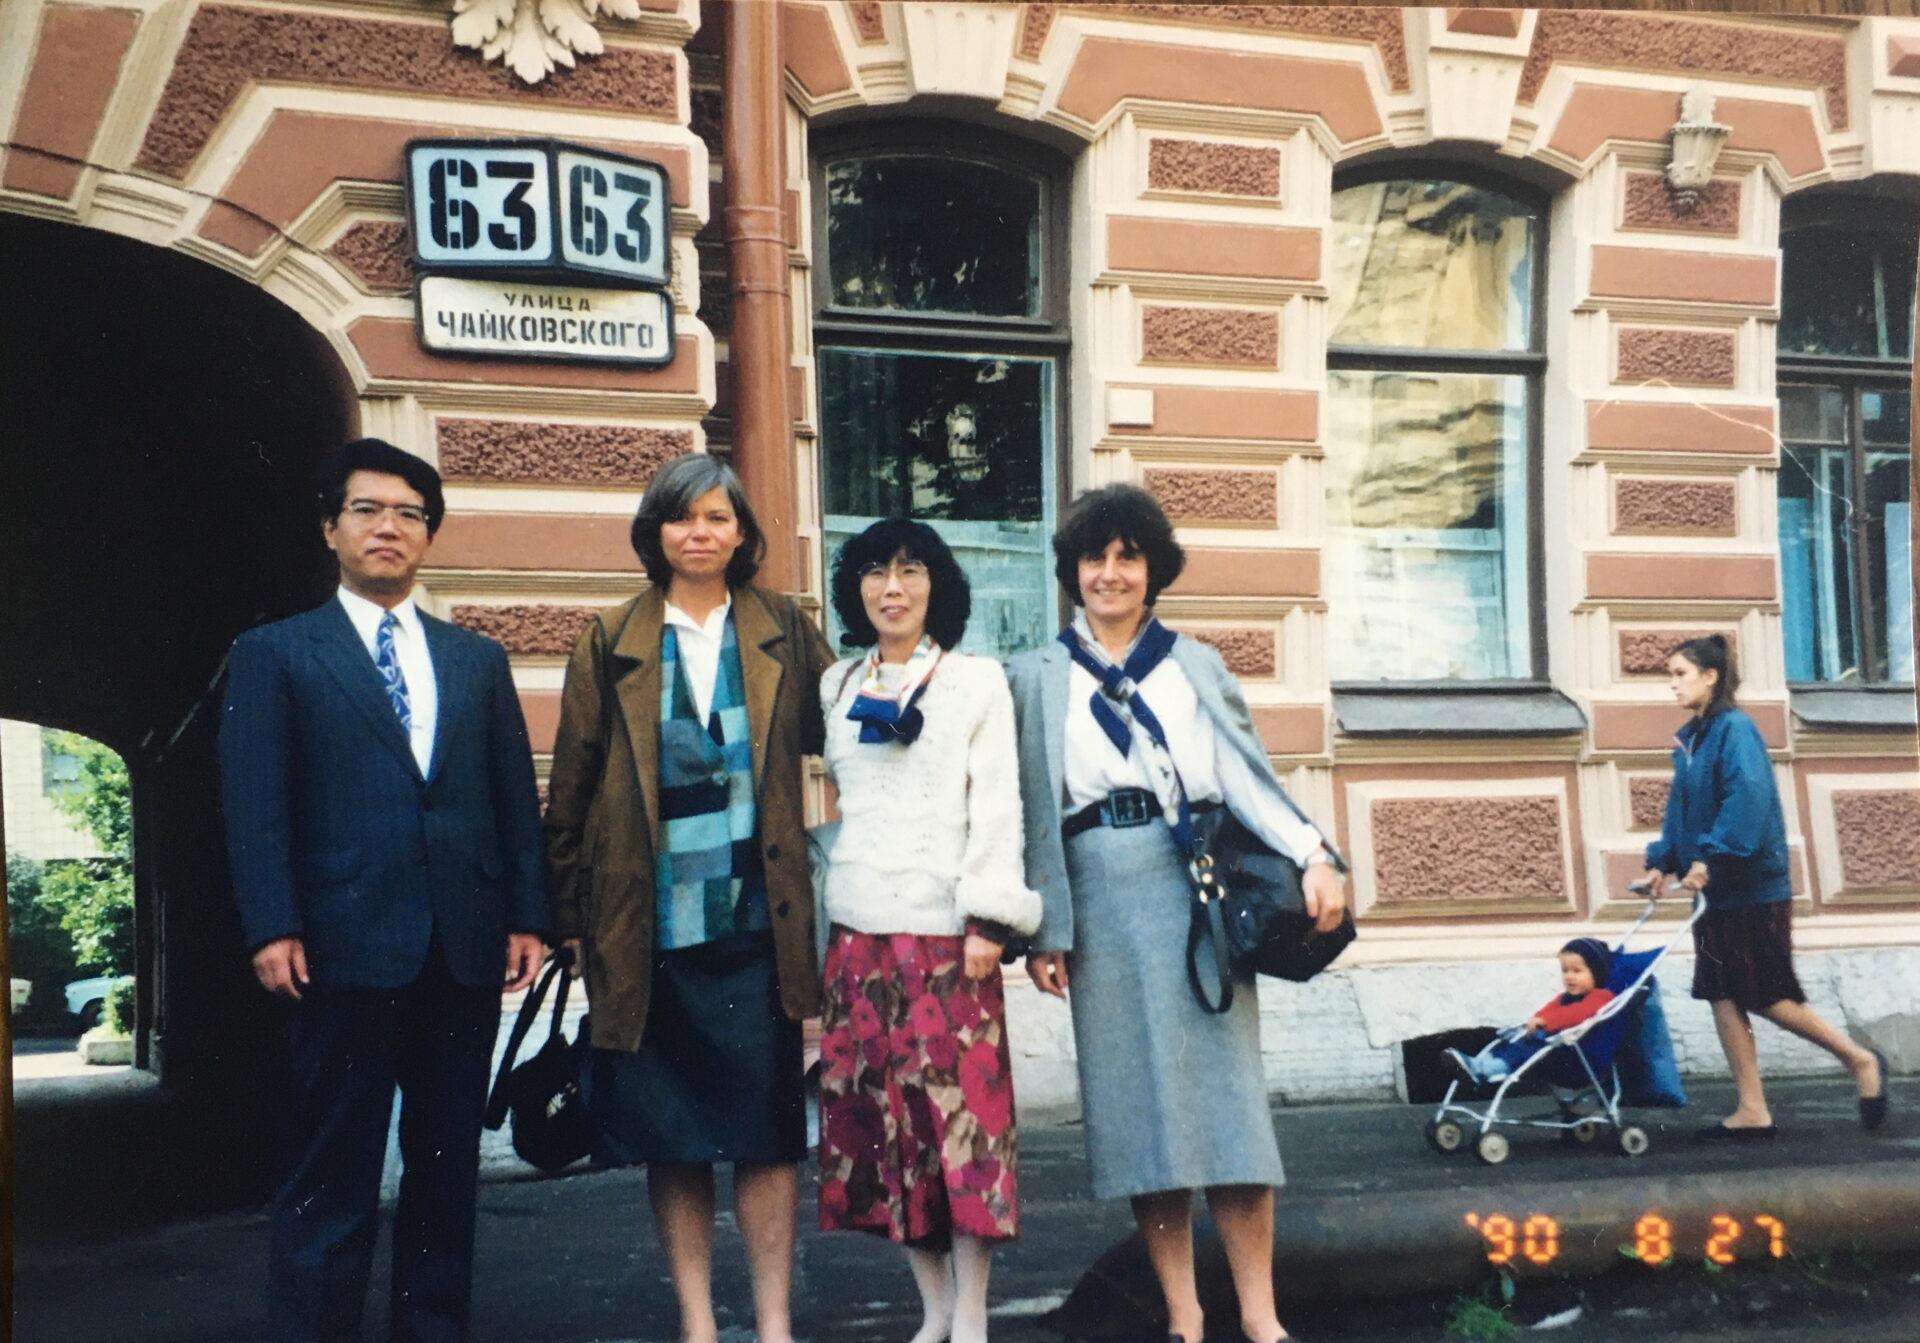 Lubow mit drei Gästen vor ihrem Wohnhaus